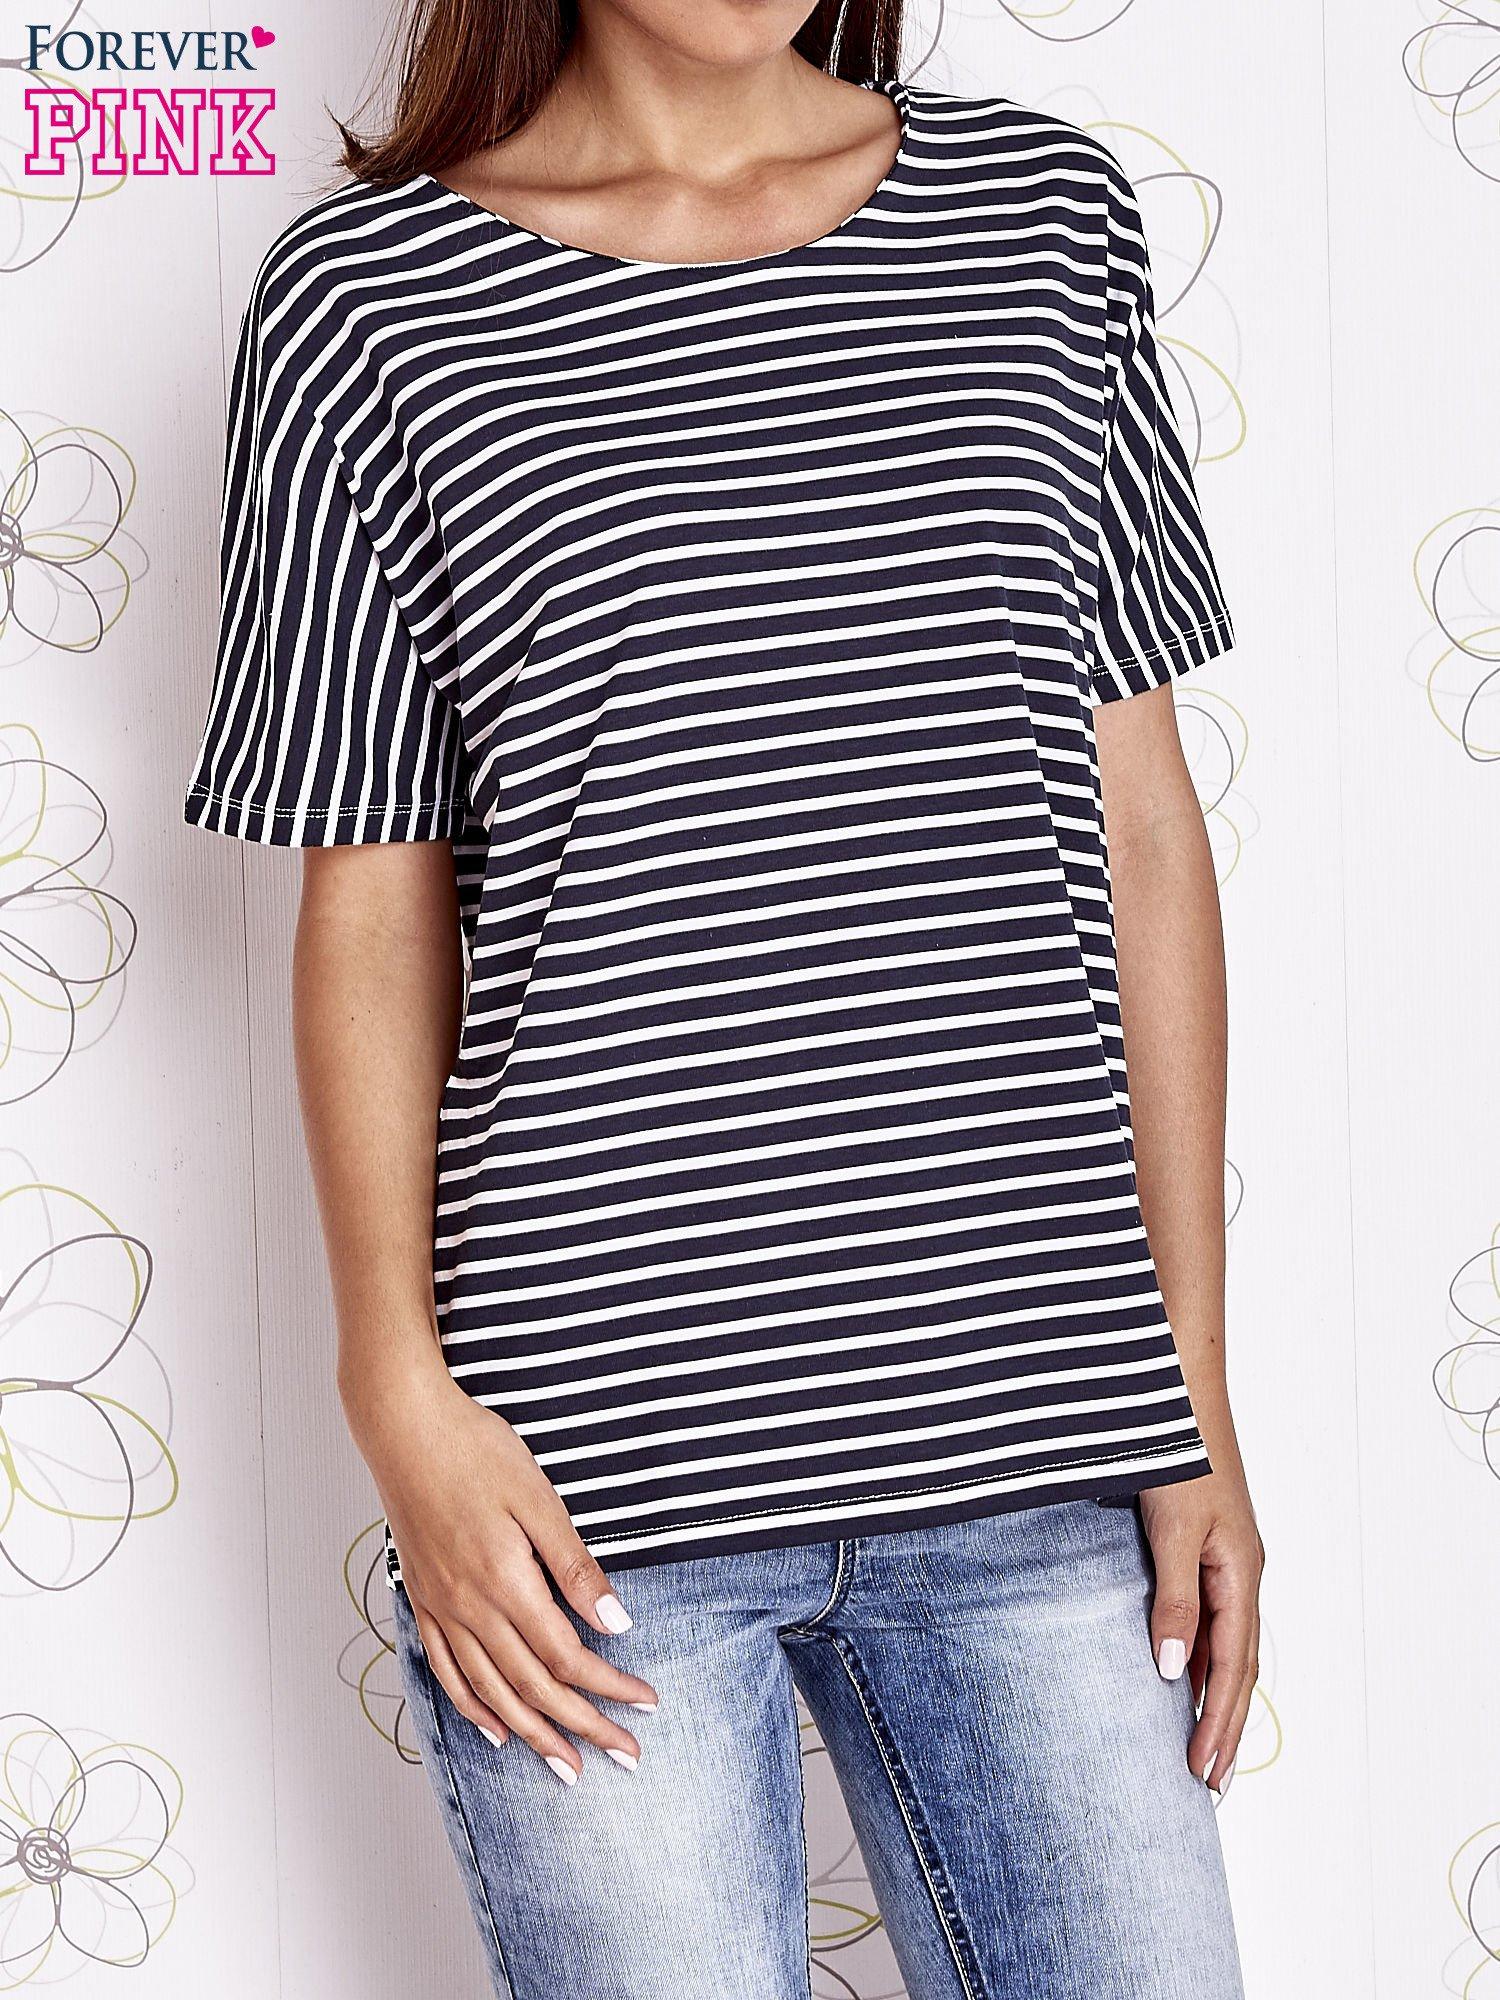 Granatowy t-shirt w paski z ozdobnym dekoltem na plecach                                  zdj.                                  1